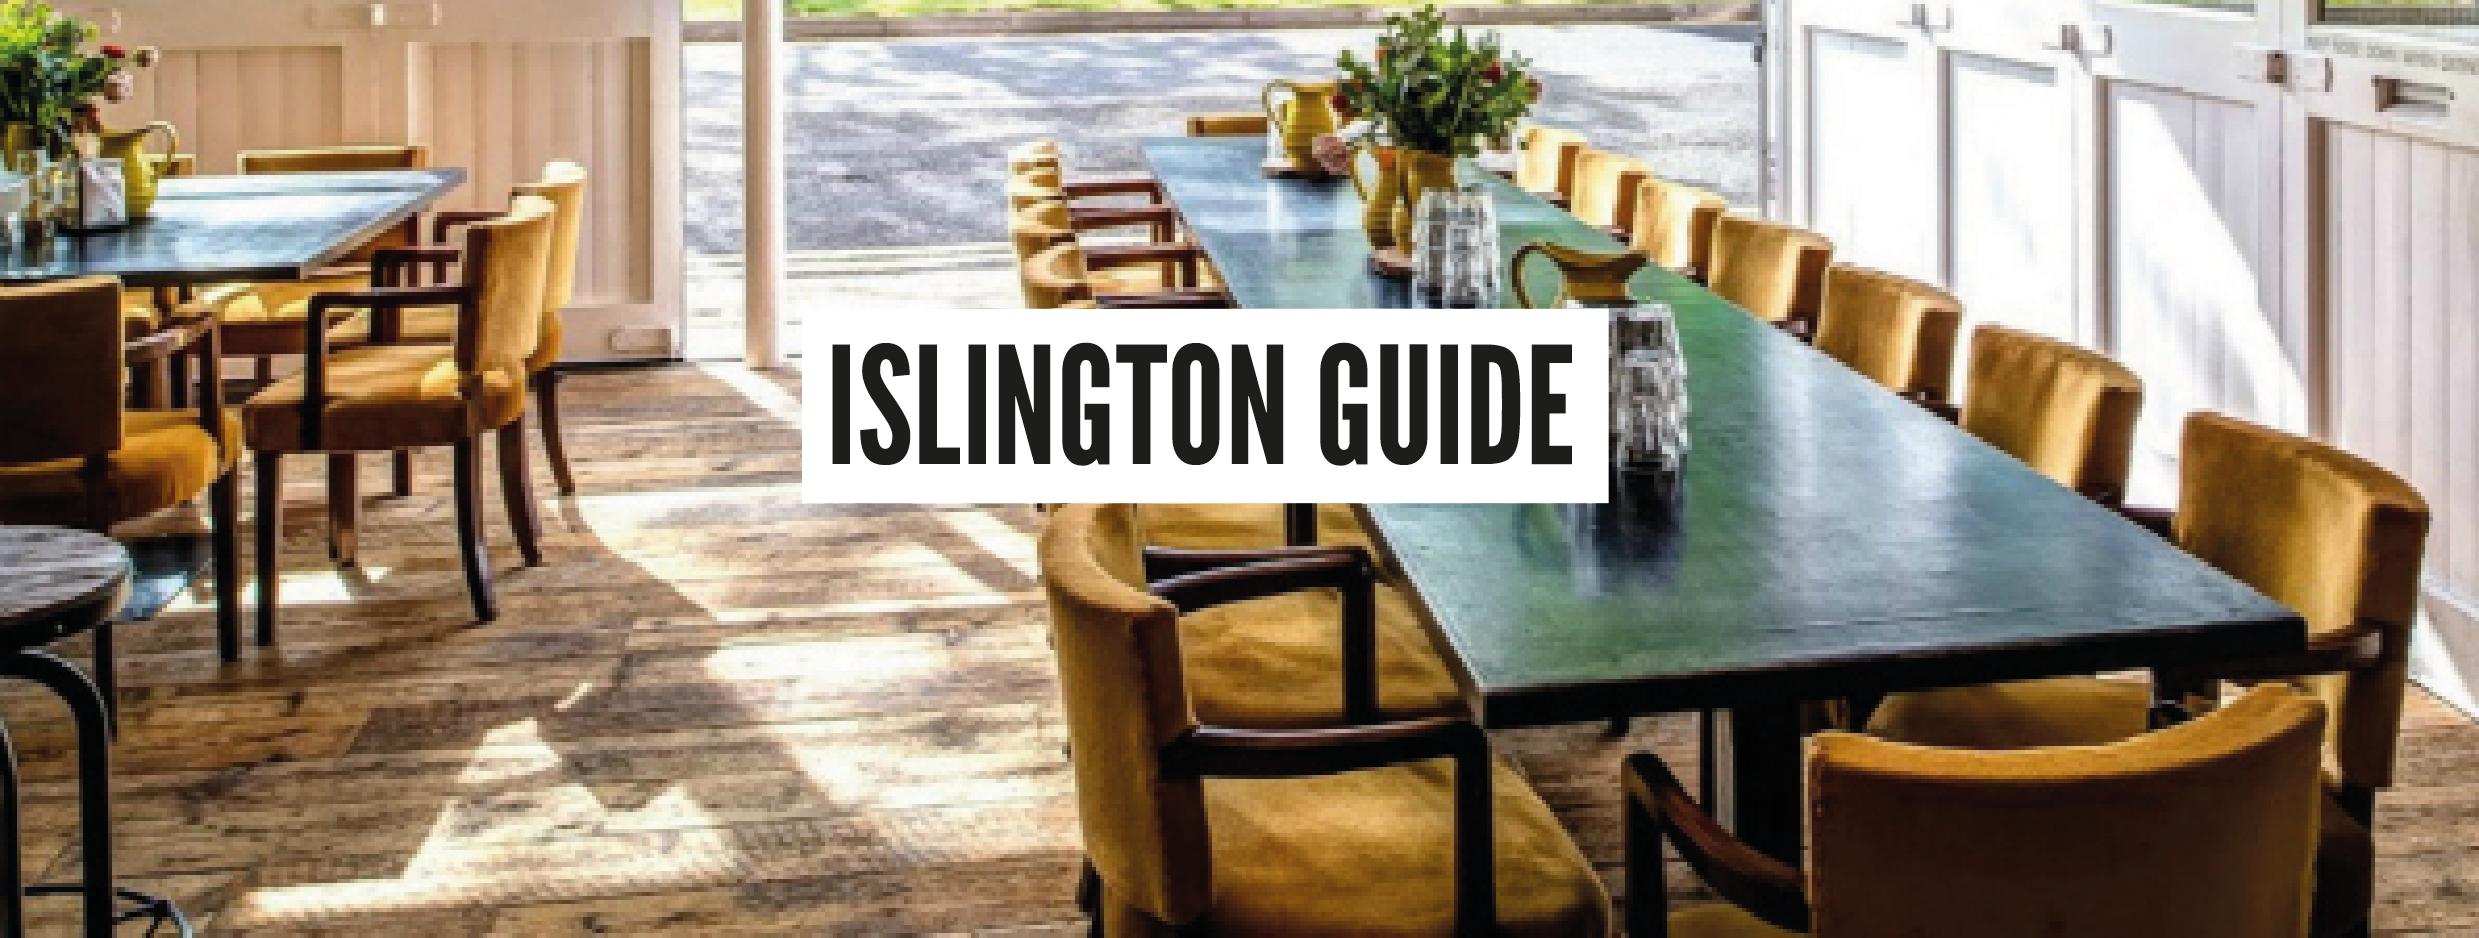 London Neighbourhood Guides - Islington